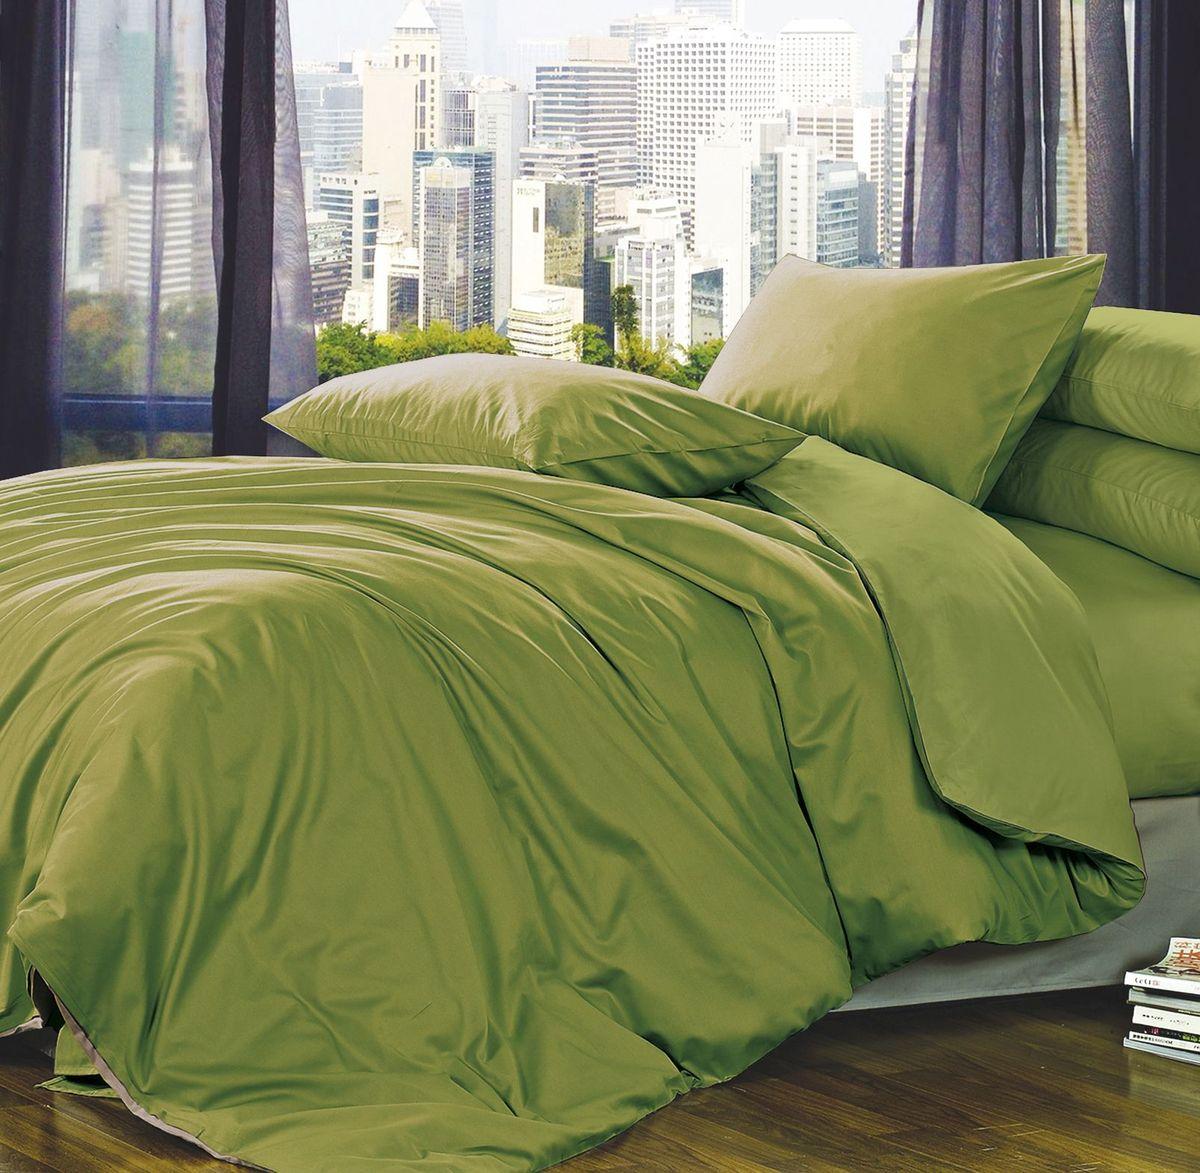 Комплект белья Коллекция Зеленый, семейный, наволочки 50x70 смПС5/50/ОЗ/зелКомплект постельного белья Коллекция Зеленый выполнен из полисатина. Комплект состоит из двух пододеяльников, простыни и двух наволочек. Тонкое, средней плотности, с шелковистой поверхностью и приятным блеском постельное белье устойчиво к износу, не выгорает, не линяет, рассчитано на многократные стирки. Двойная скрутка волокон позволяет получать довольно плотный, прочный на разрыв материал. Легко отстирывается, быстро сохнет и самой важно для хозяек - не мнется!